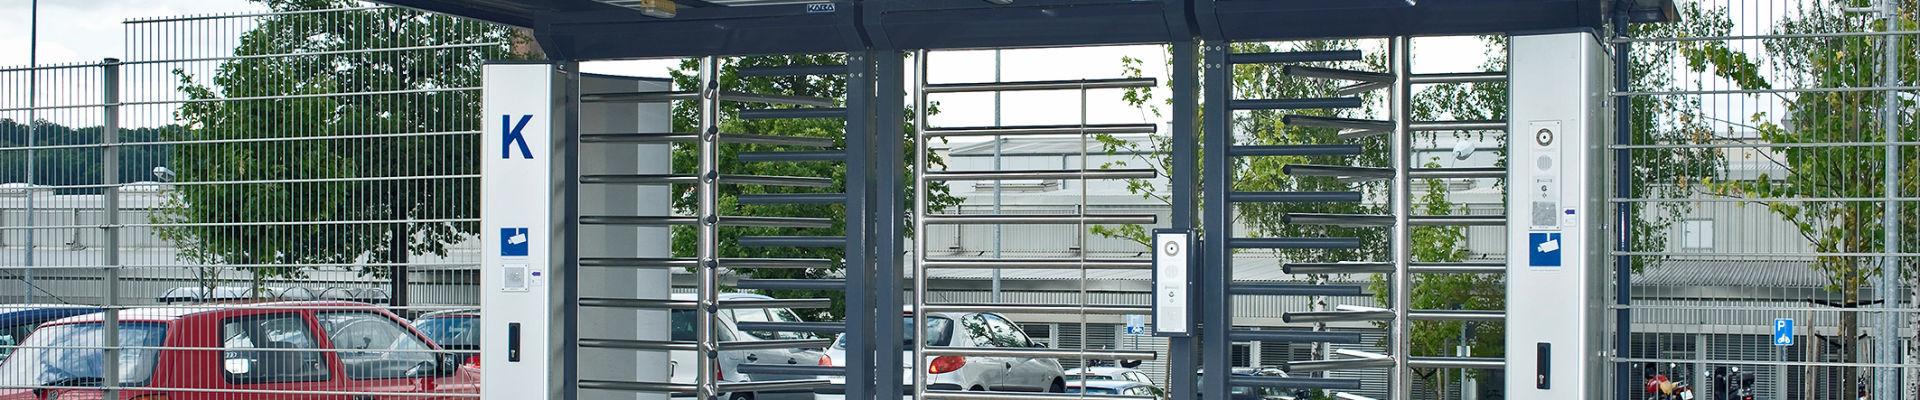 Drehkreuz Kentauer INOVA Dreifachanlage Edelstahl von Berlemann Torbau